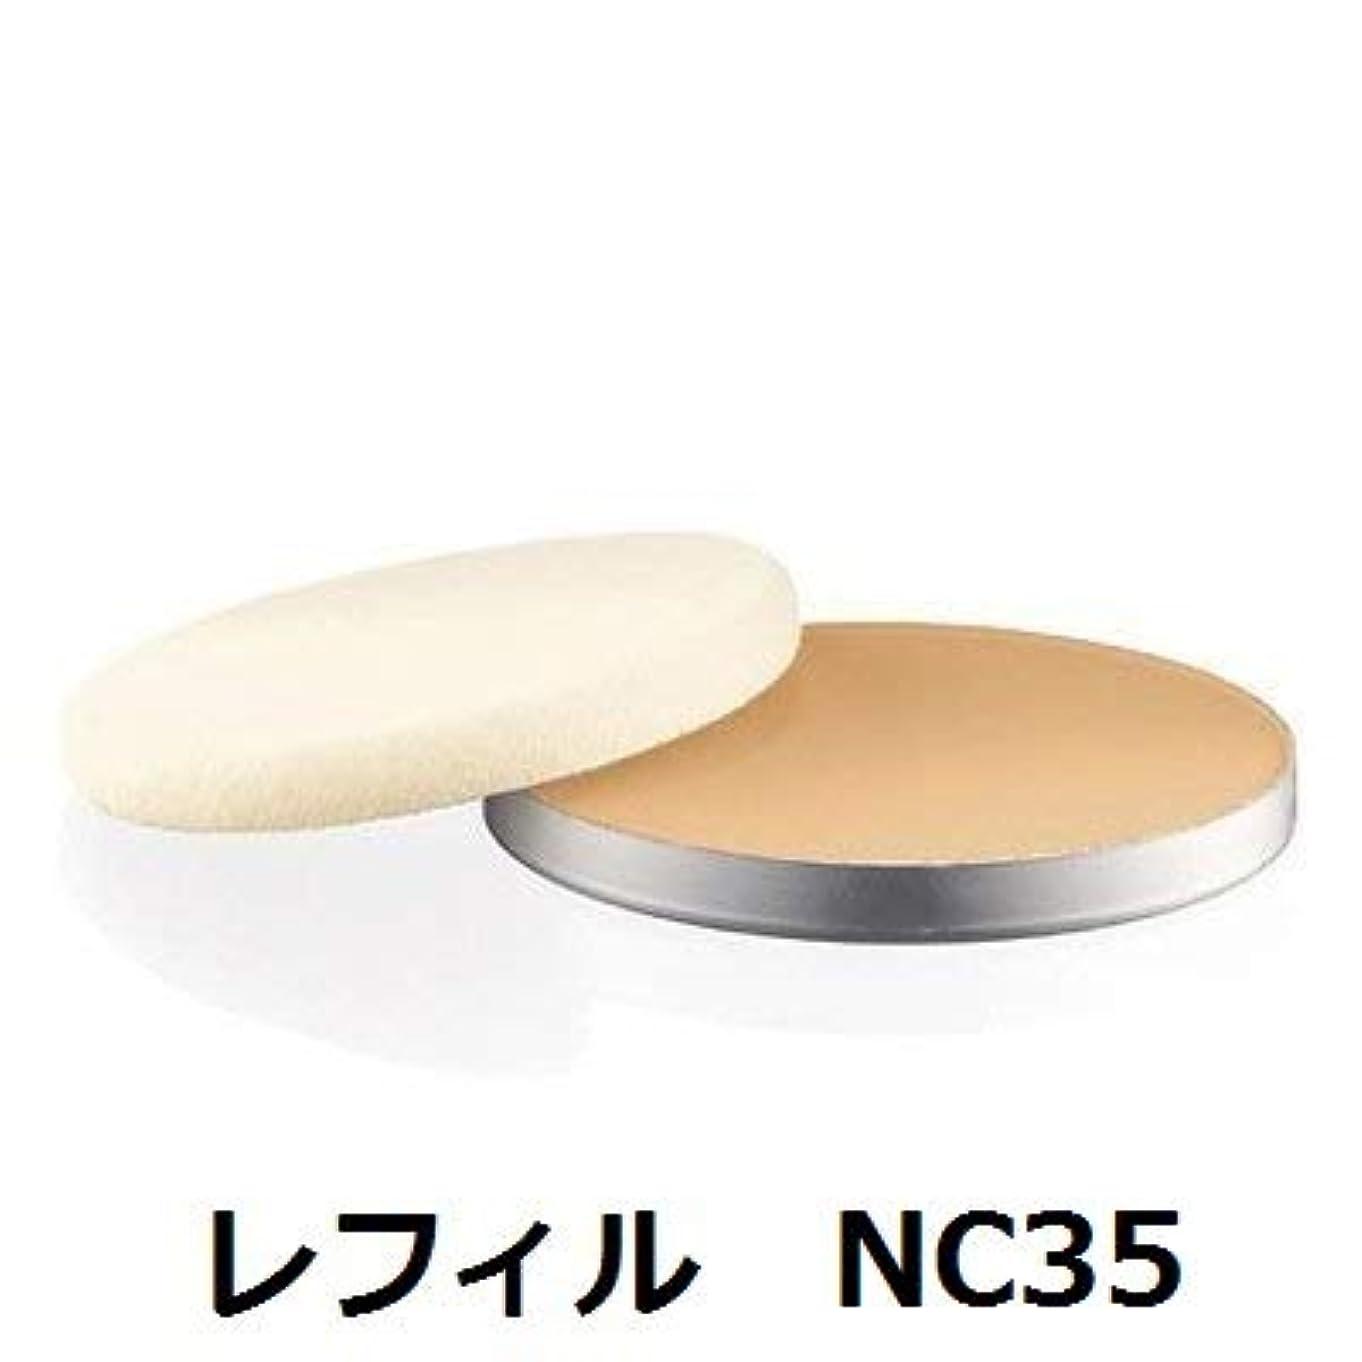 アヒルスカウトイサカマック(MAC) ライトフルC+SPF 30ファンデーション レフィル #NC35 14g [並行輸入品]